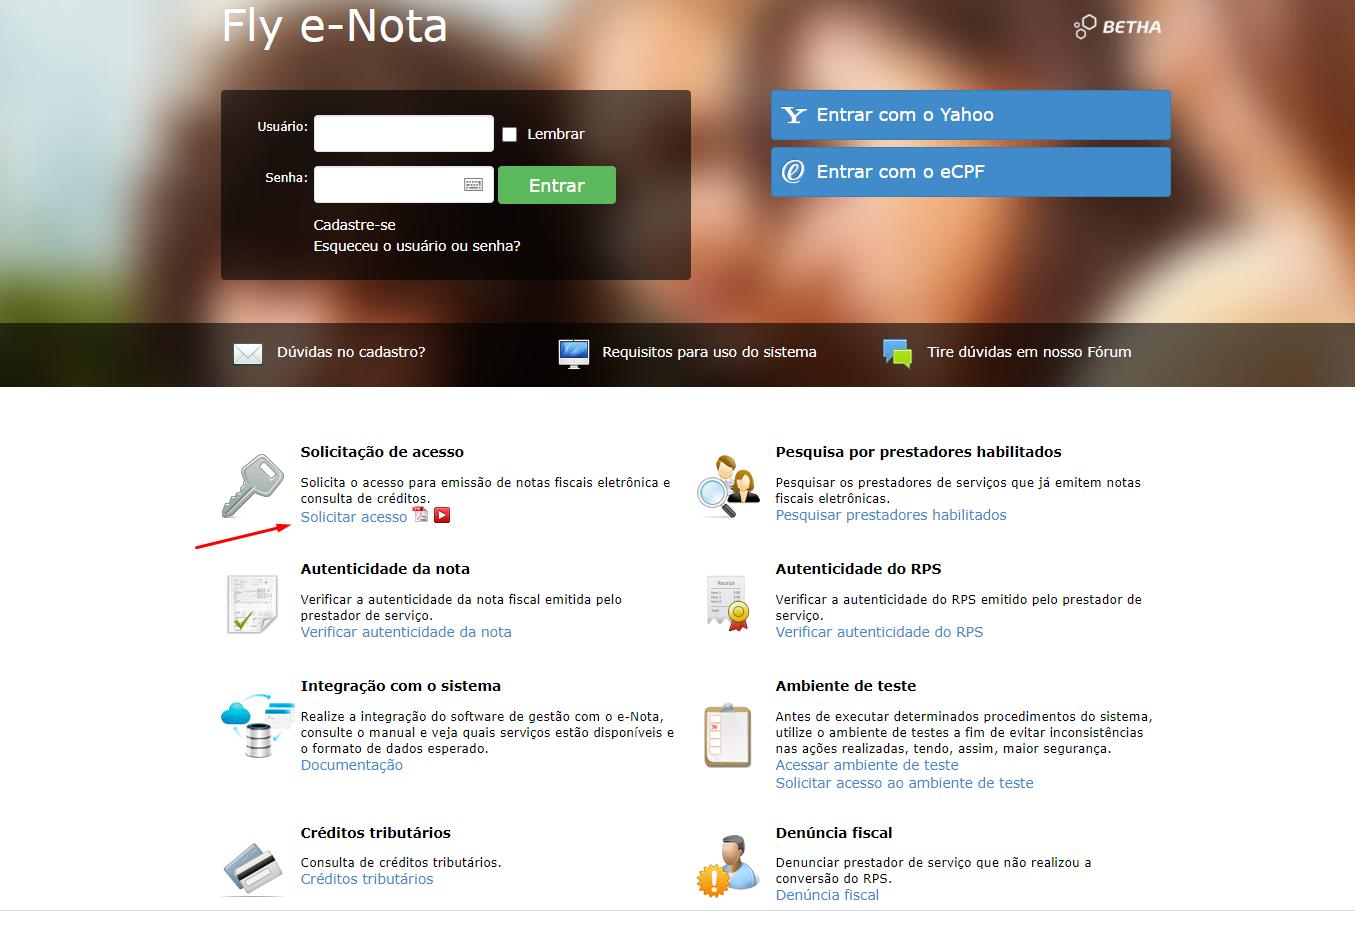 fly e-nota solicitar acesso